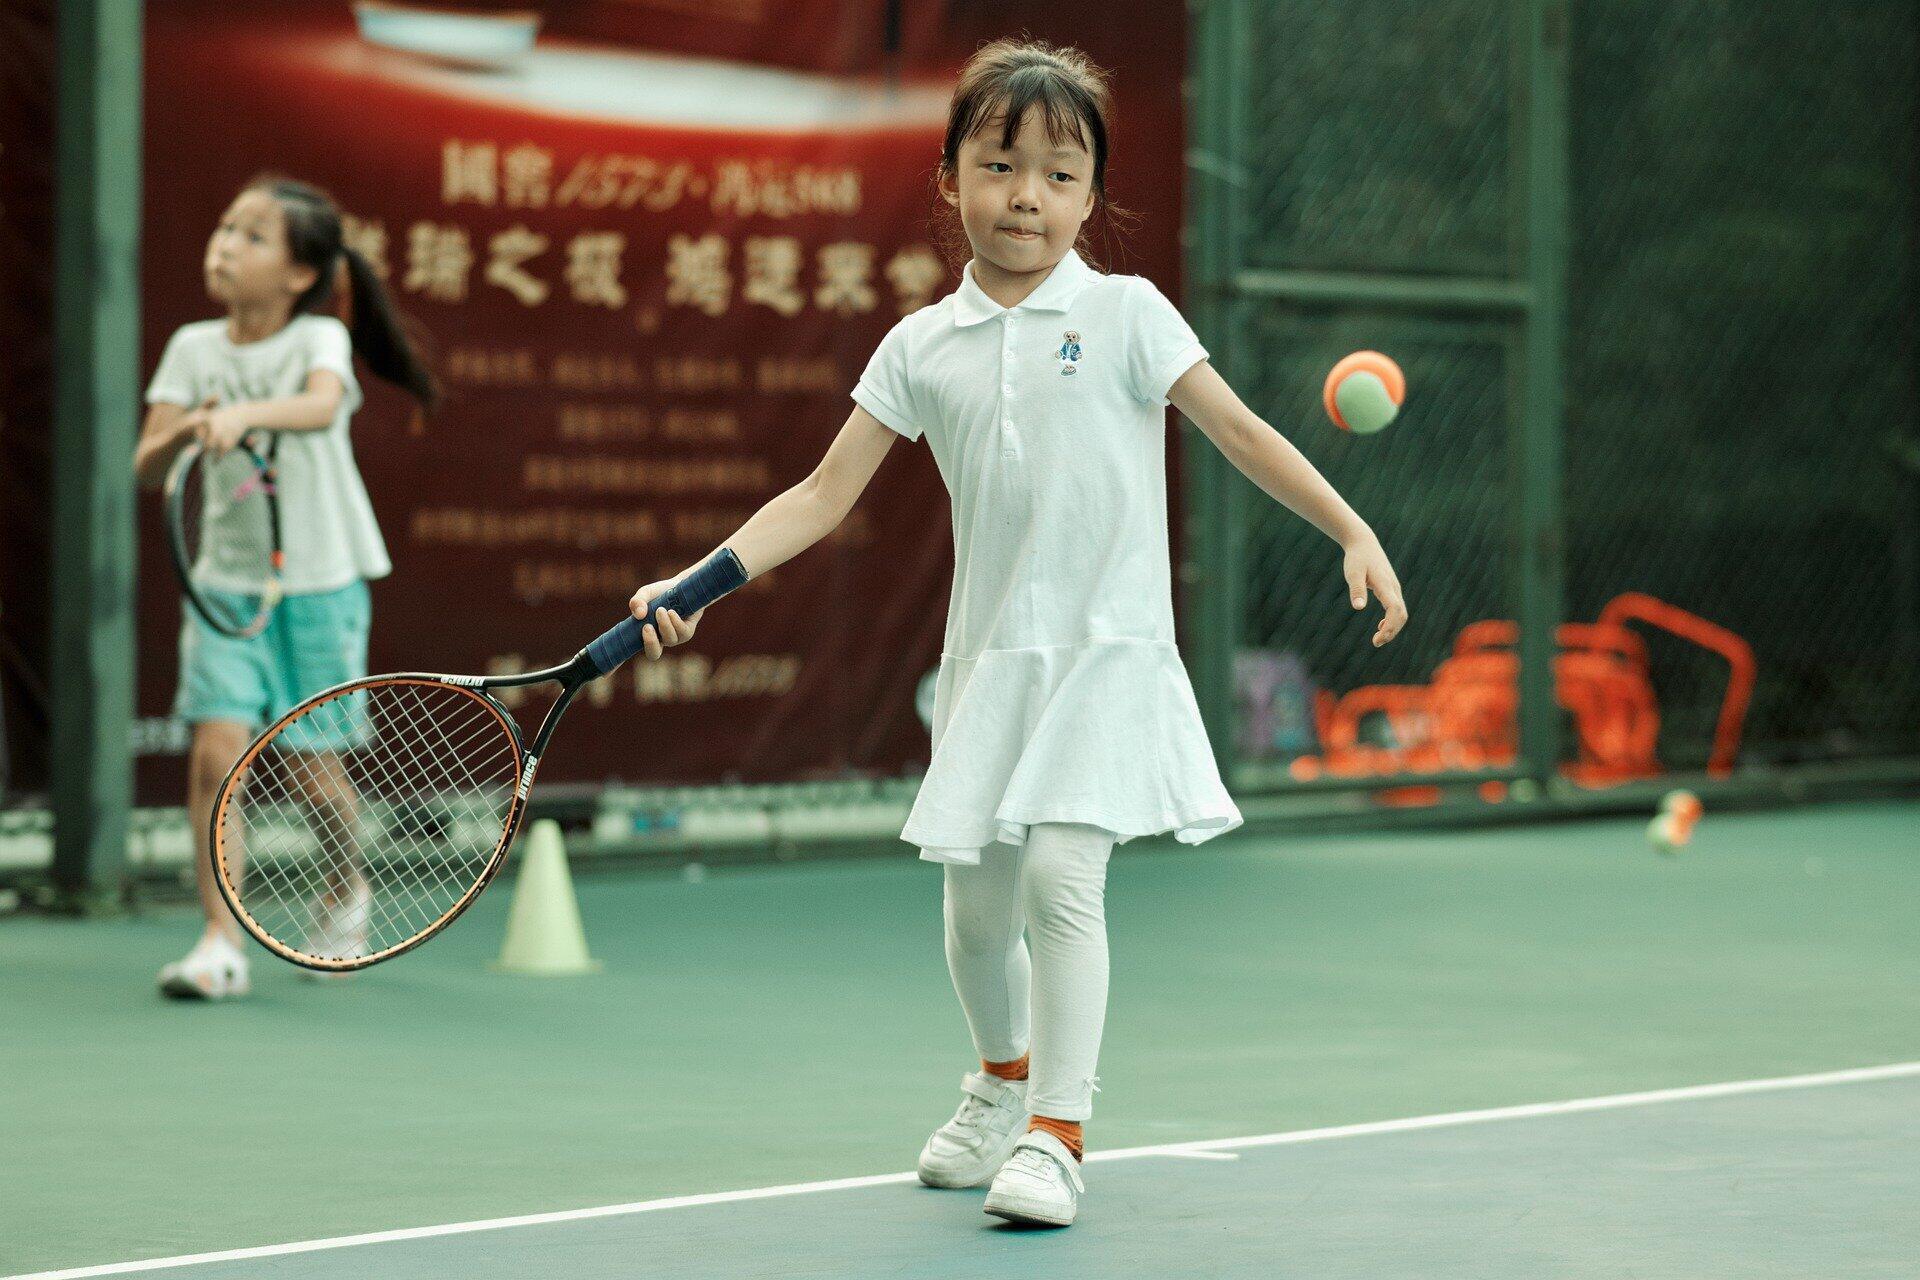 illustration sport enfant tennis